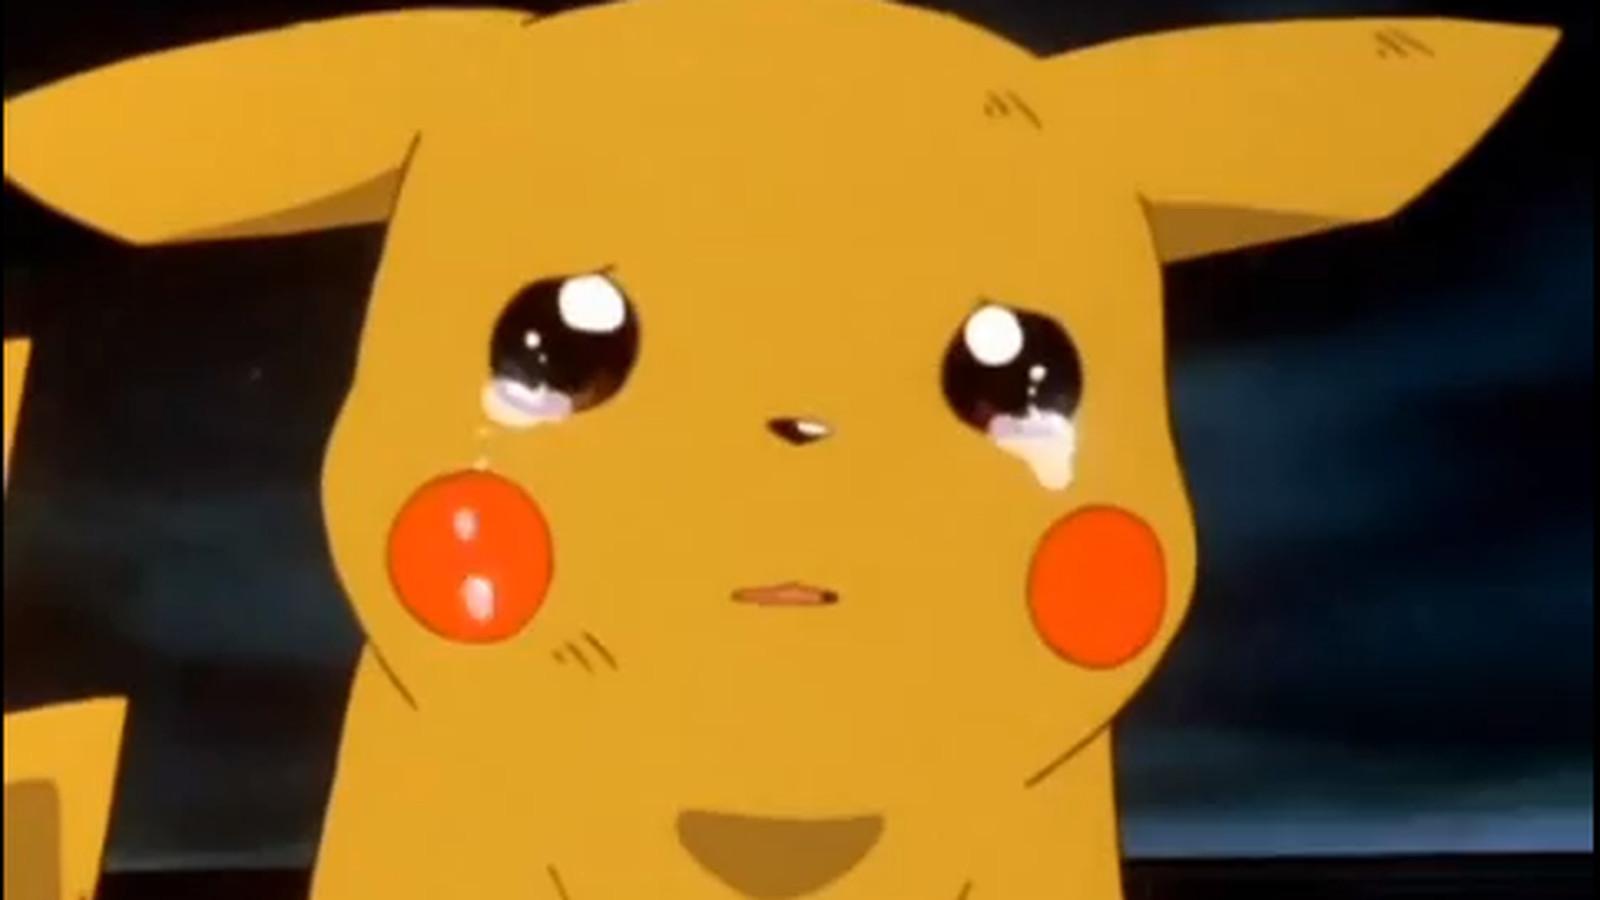 Pobre Pikachu, ele ficou triste ao saber que esse jogo não vai ser lançado =/